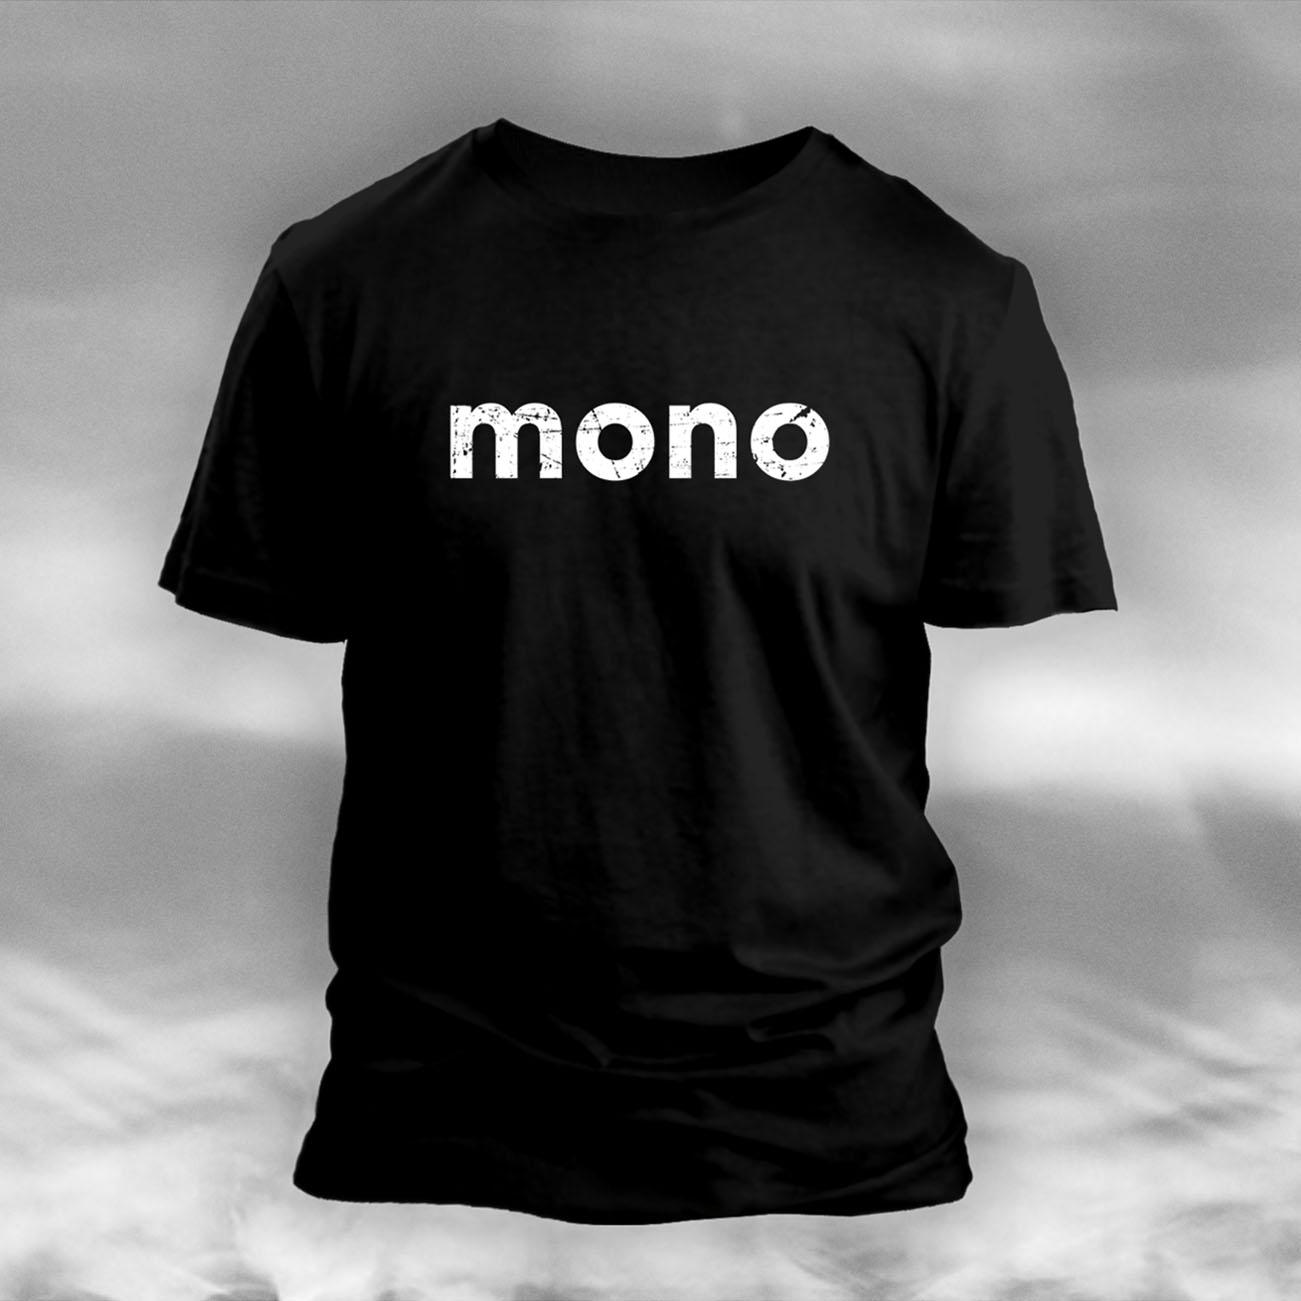 MONO - 'Logo' Girls T-Shirt - MONO